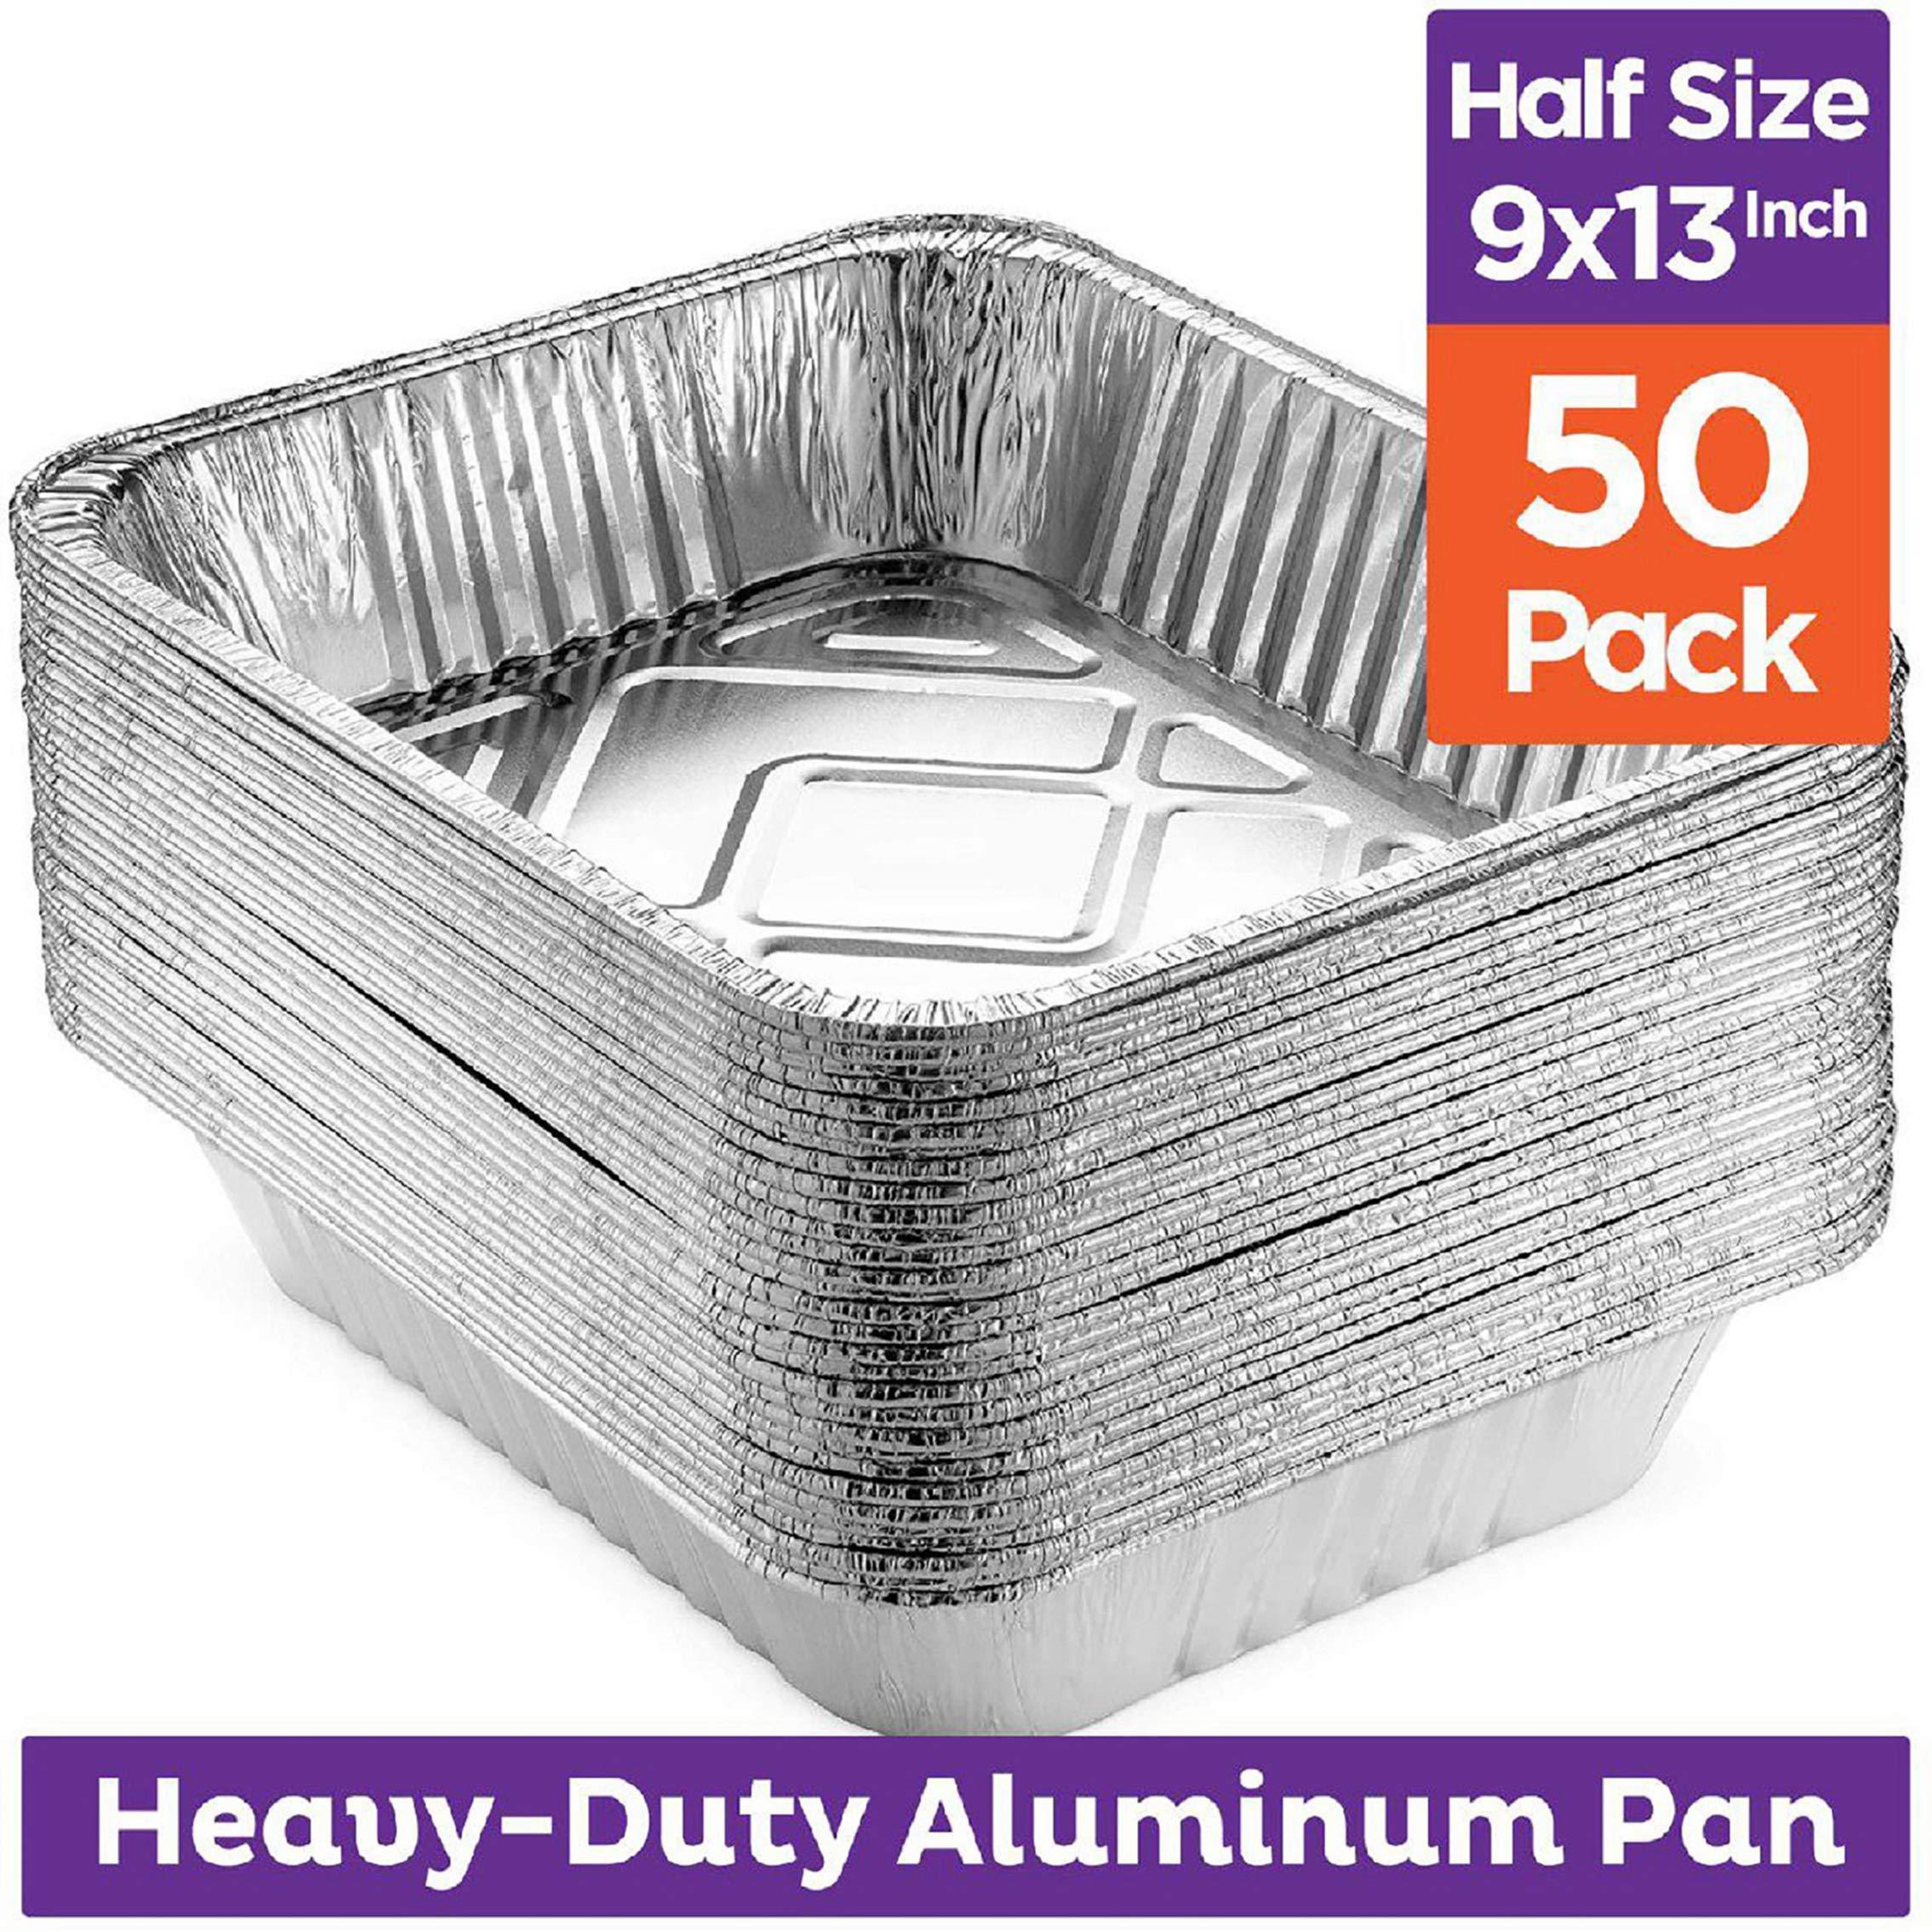 Heavy Duty 9 x 13 Aluminum Foil Pans [50 Pack] Half Size Deep Steam Table Pans, Premium Disposable Baking Pans by Stack Man